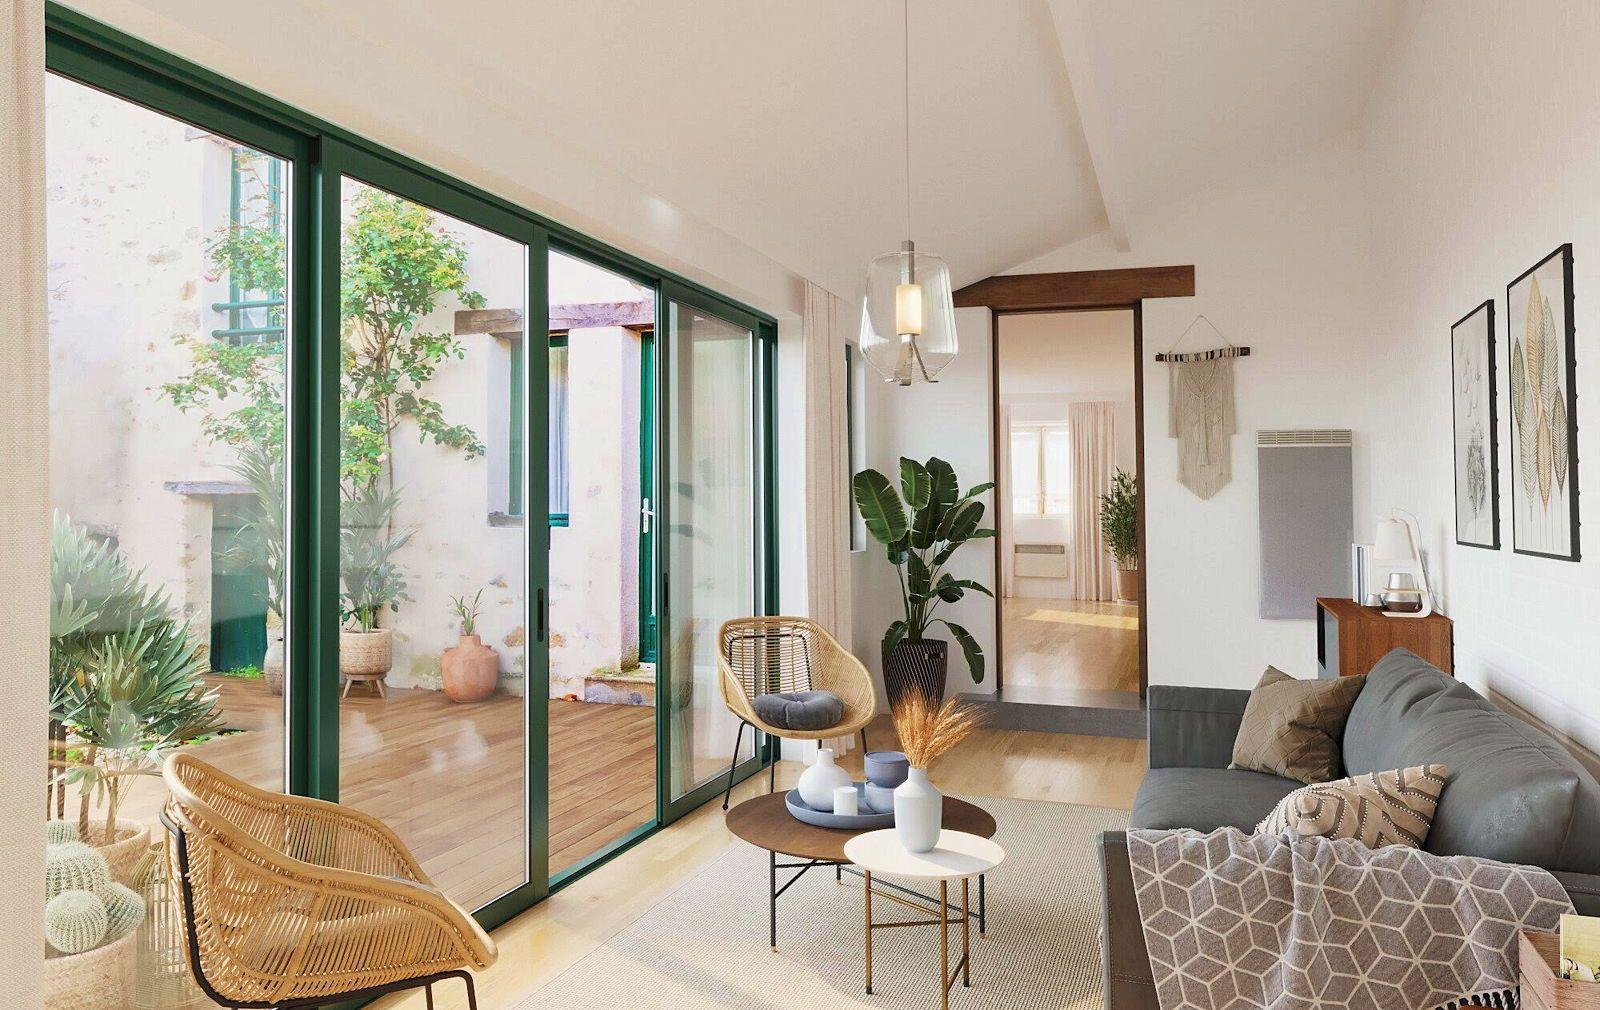 Vends maison de charme dans le centre historique de Piriac-sur-Mer - 4chambres, 110m²